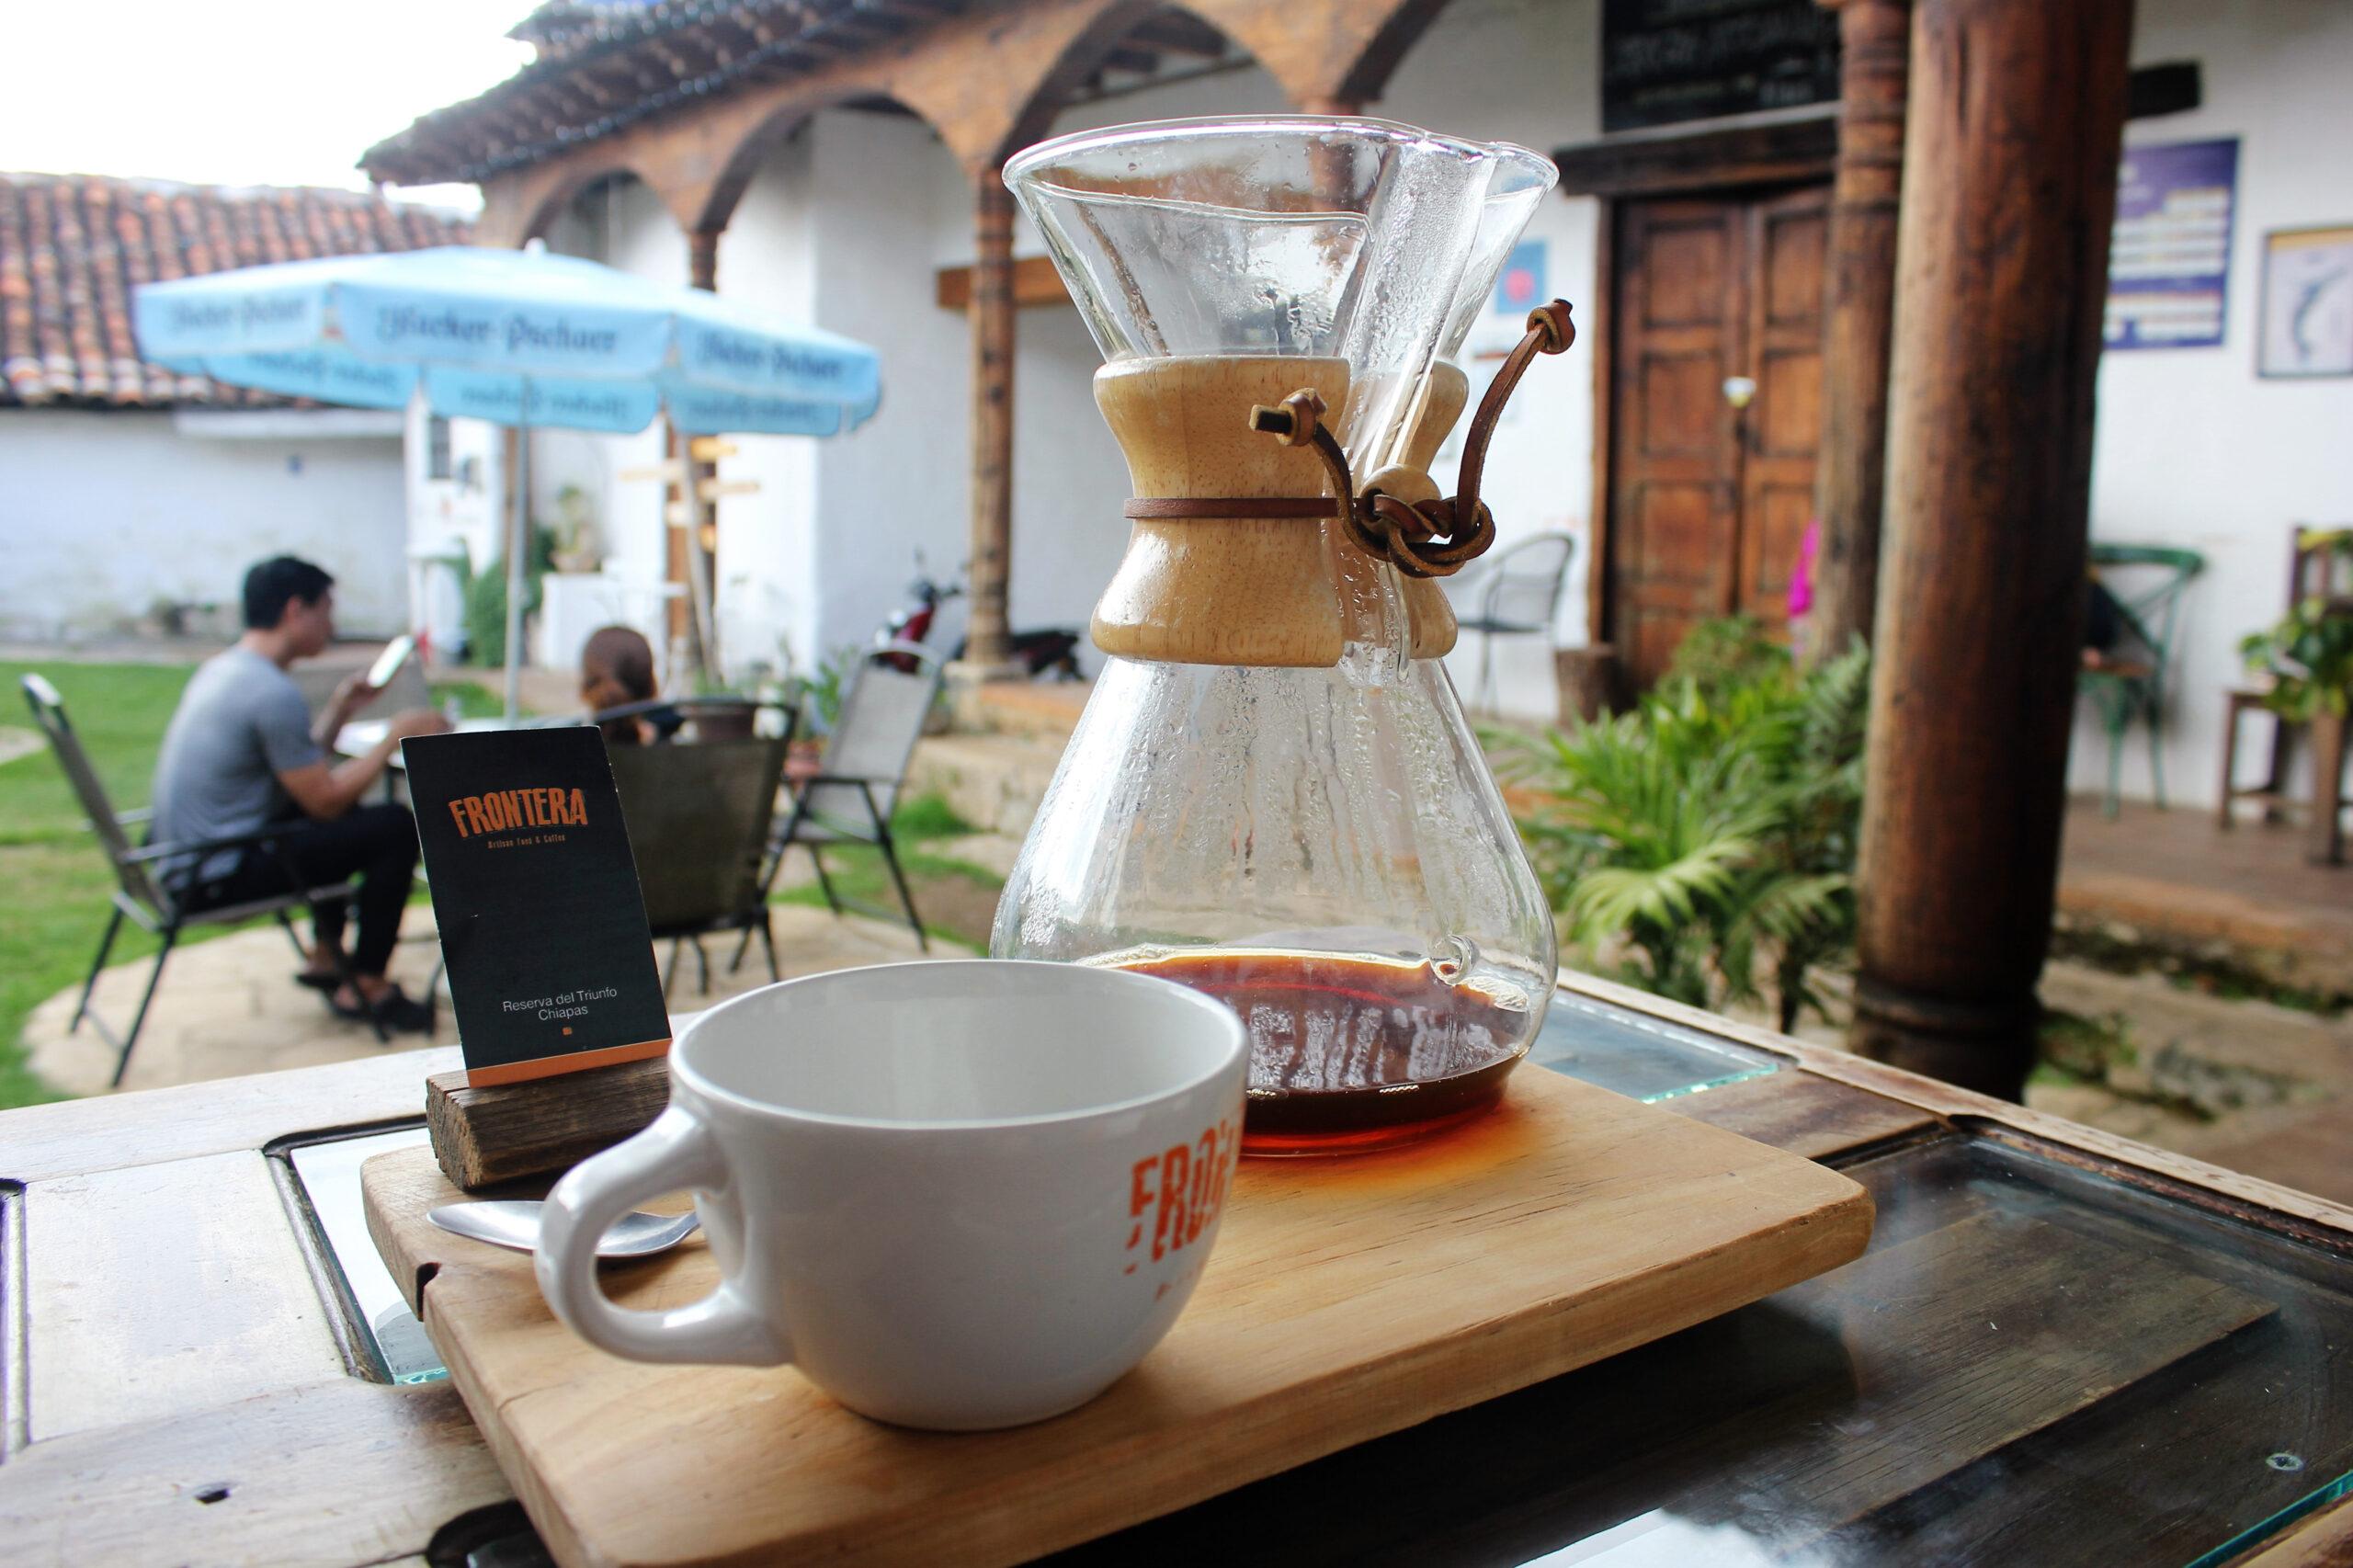 Coffee at La Frontera café in San Cristóbal de las Casas, Chiapas